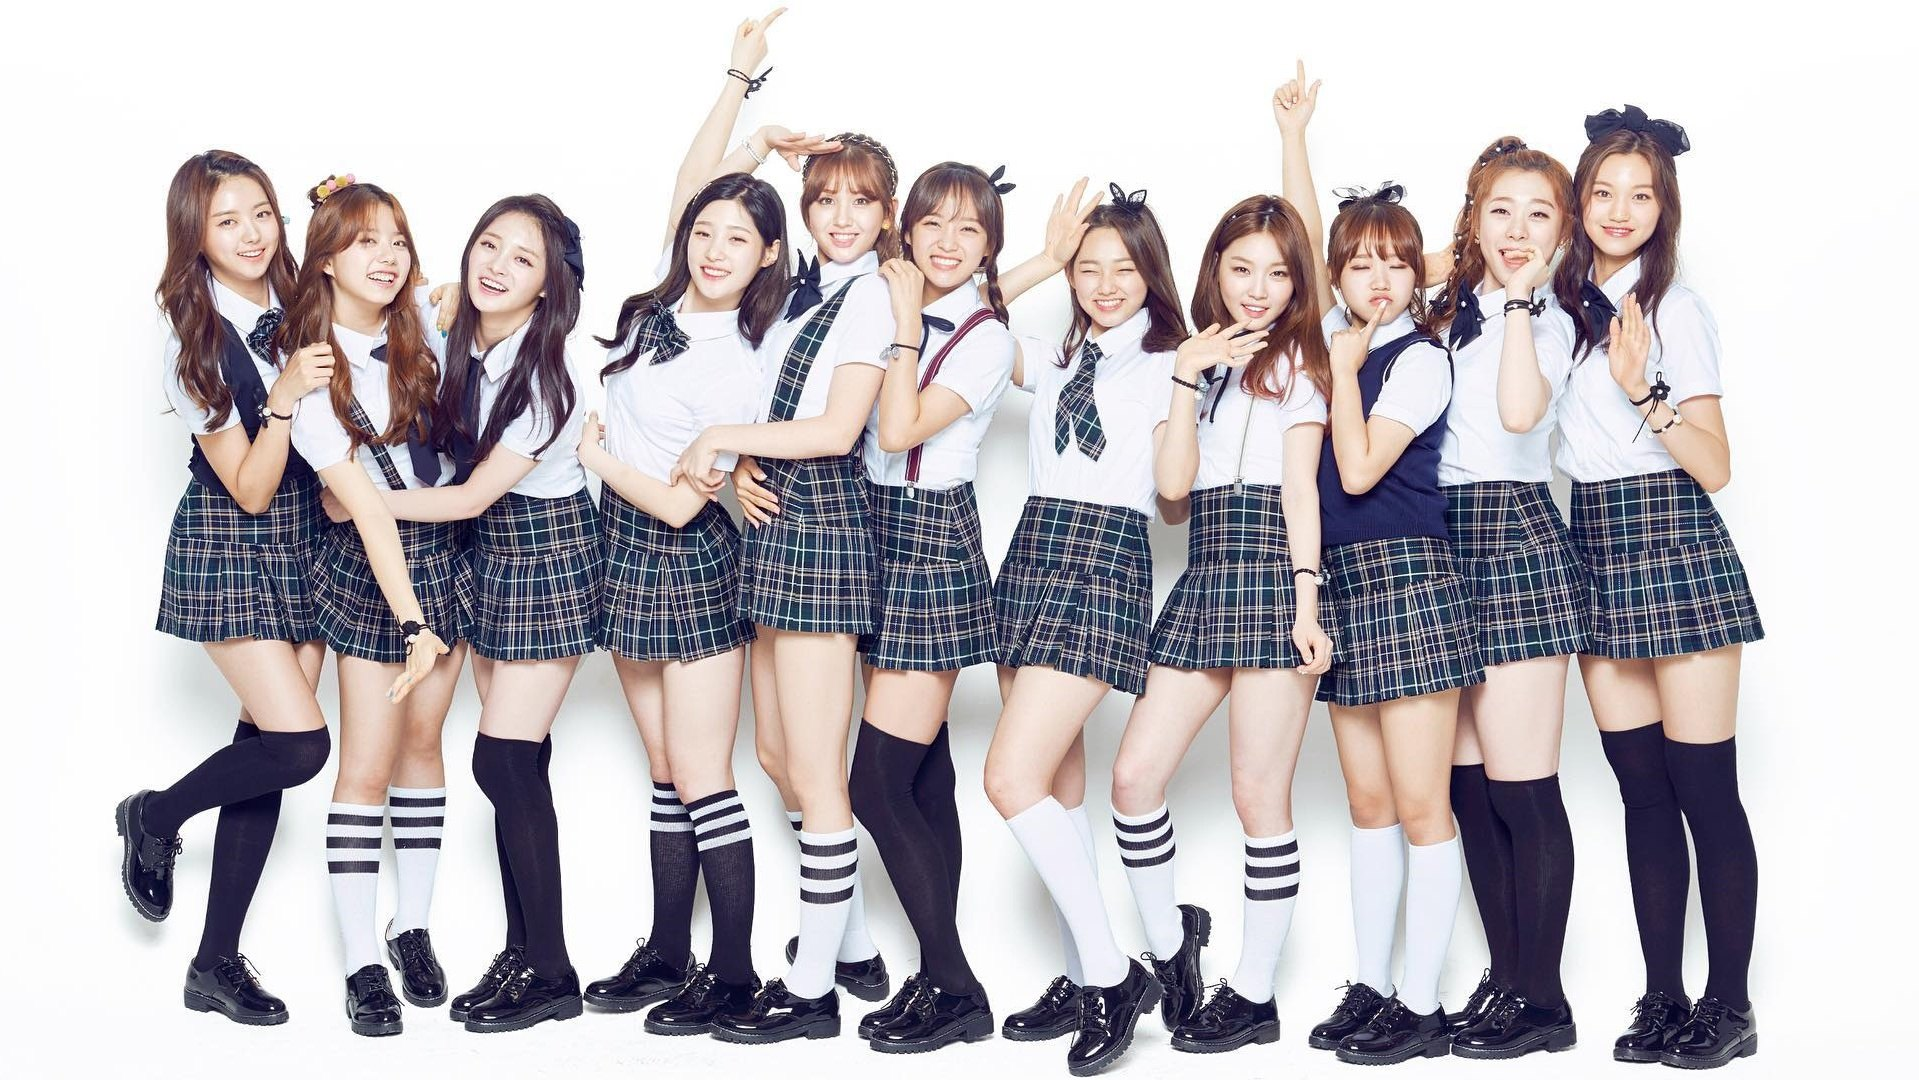 I.O.I Group Photo